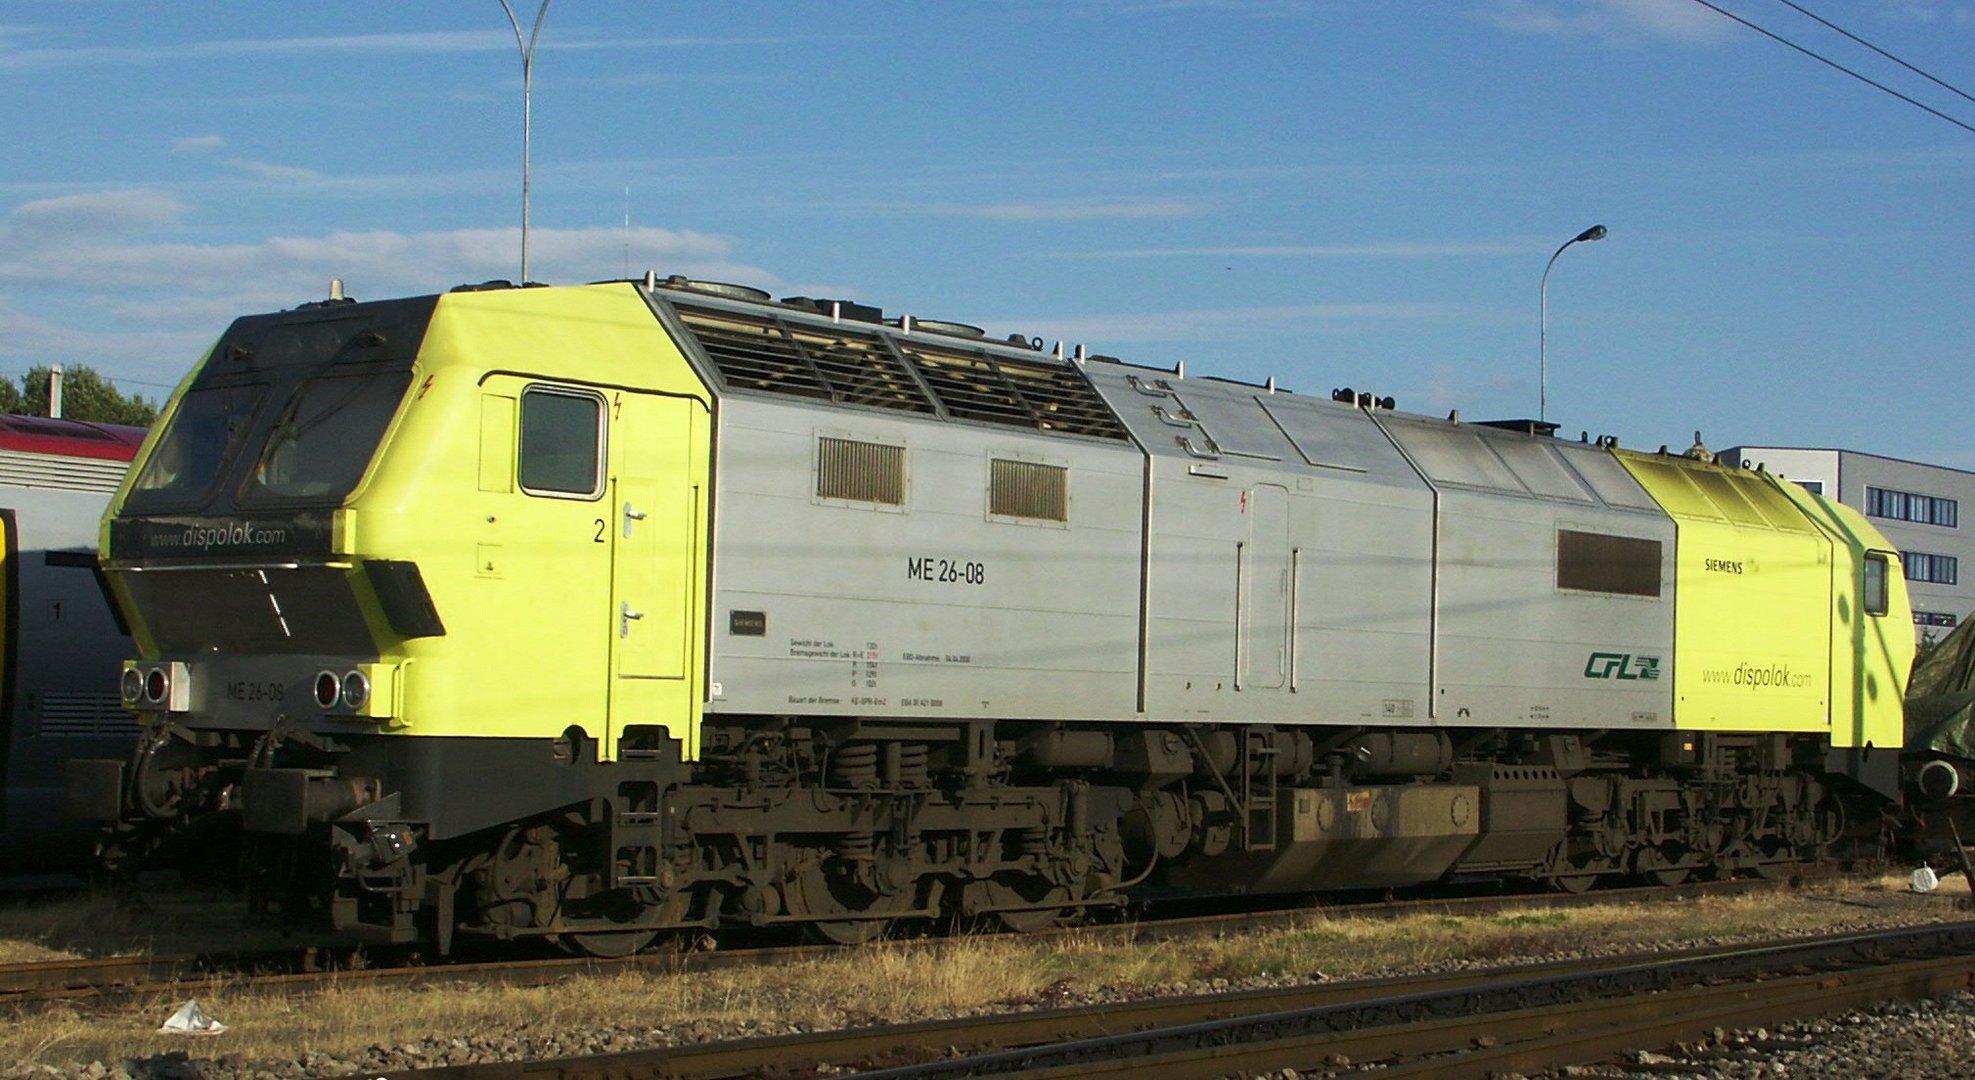 Siemens ME 2608